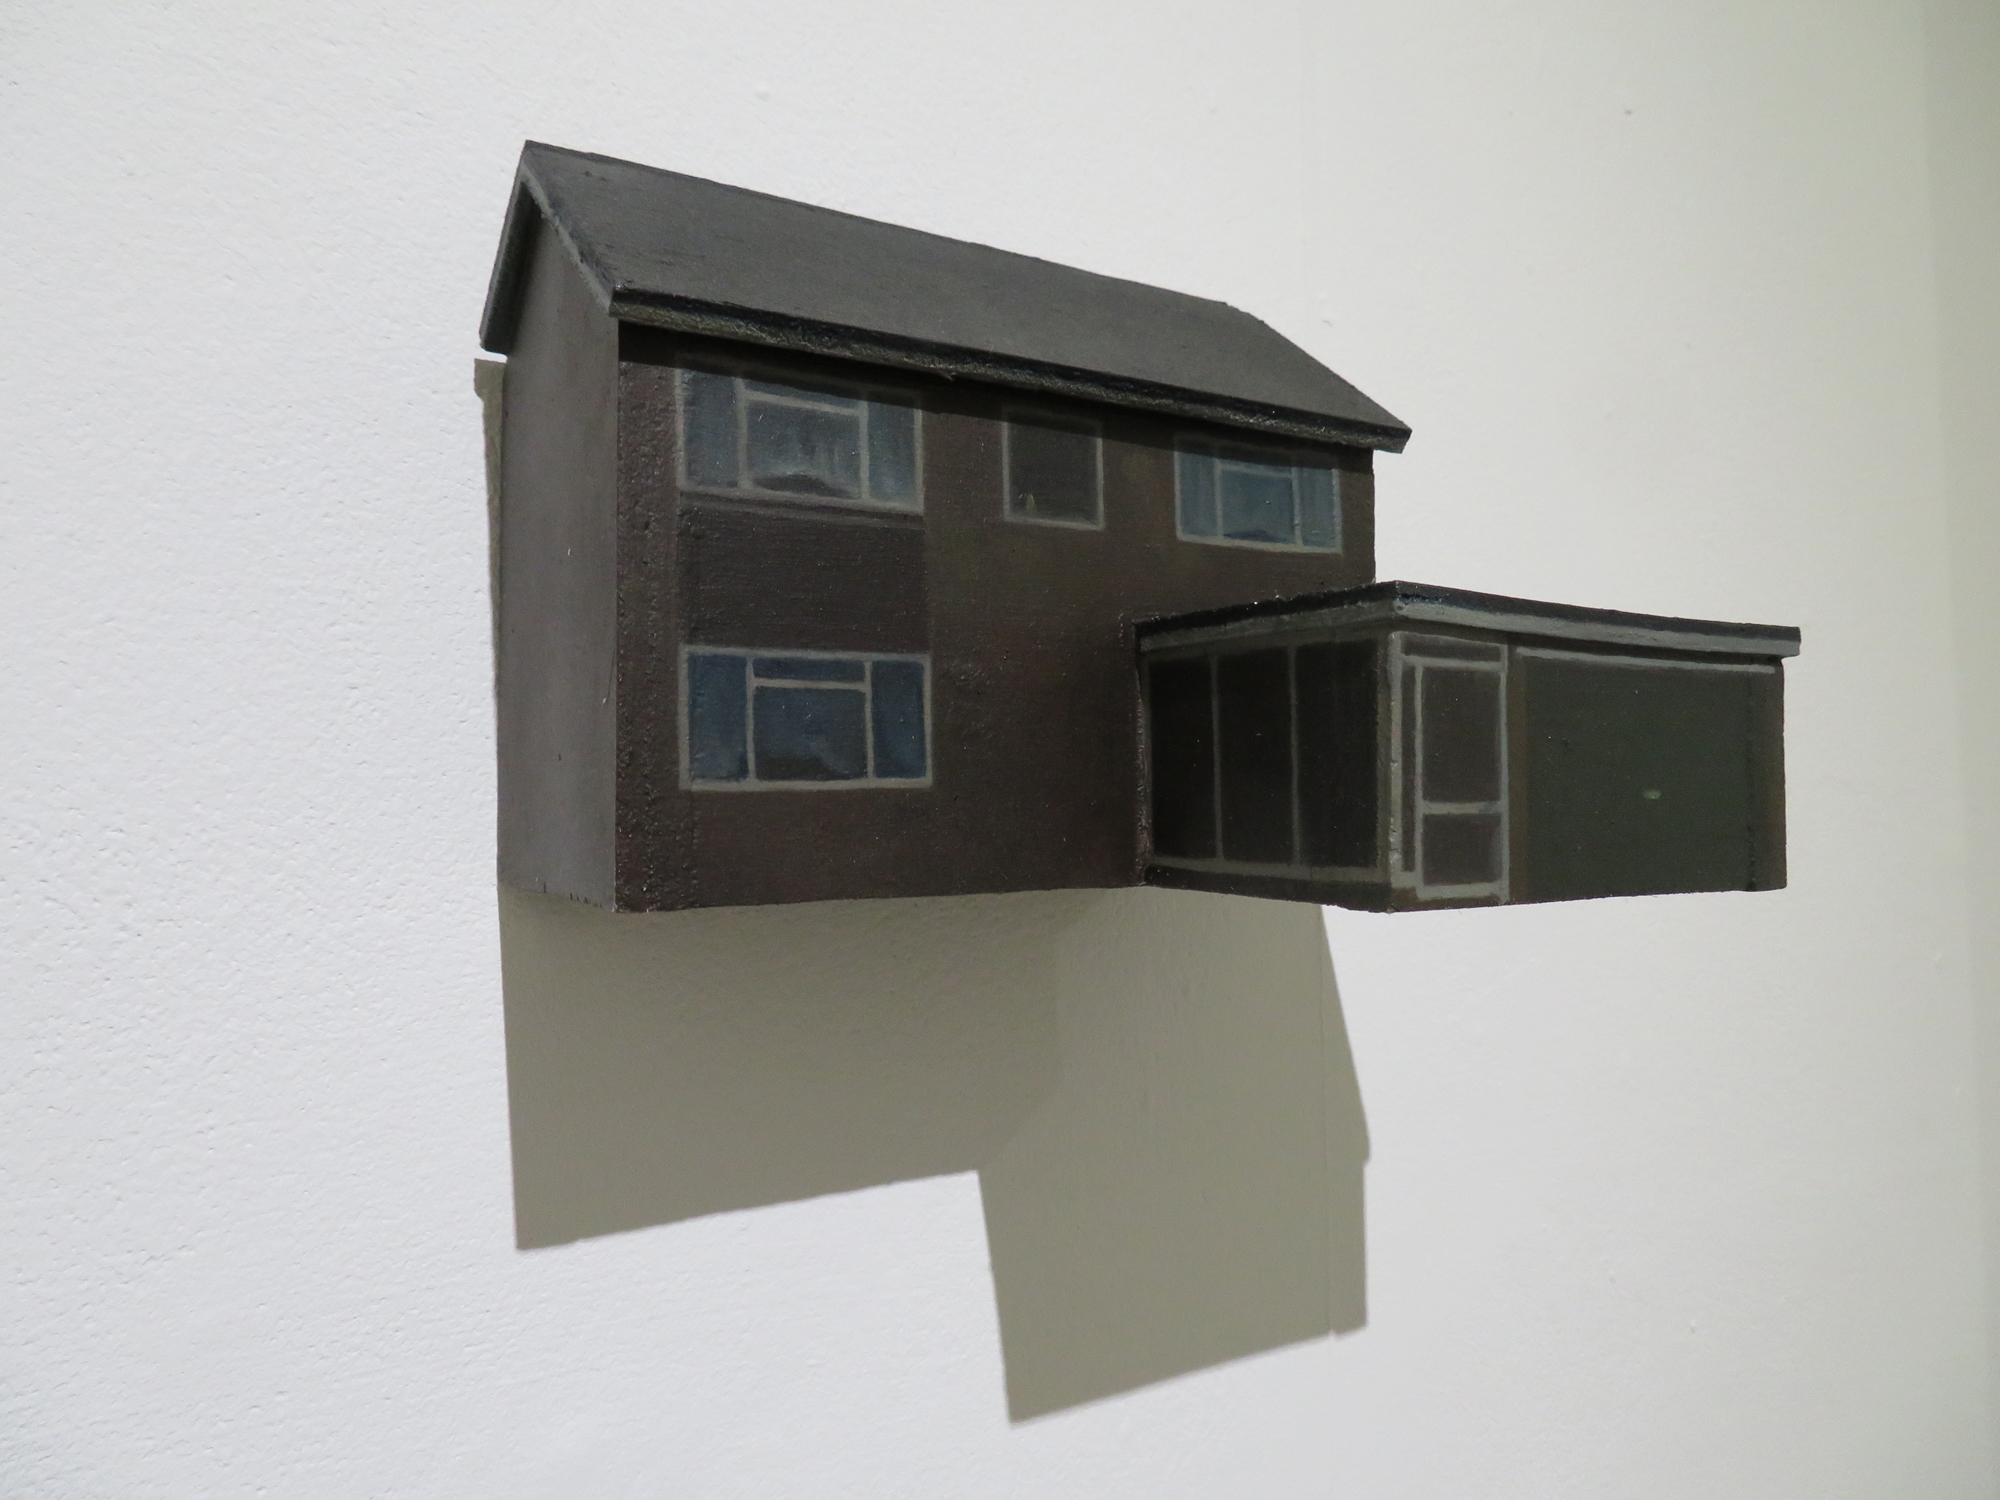 House no.7